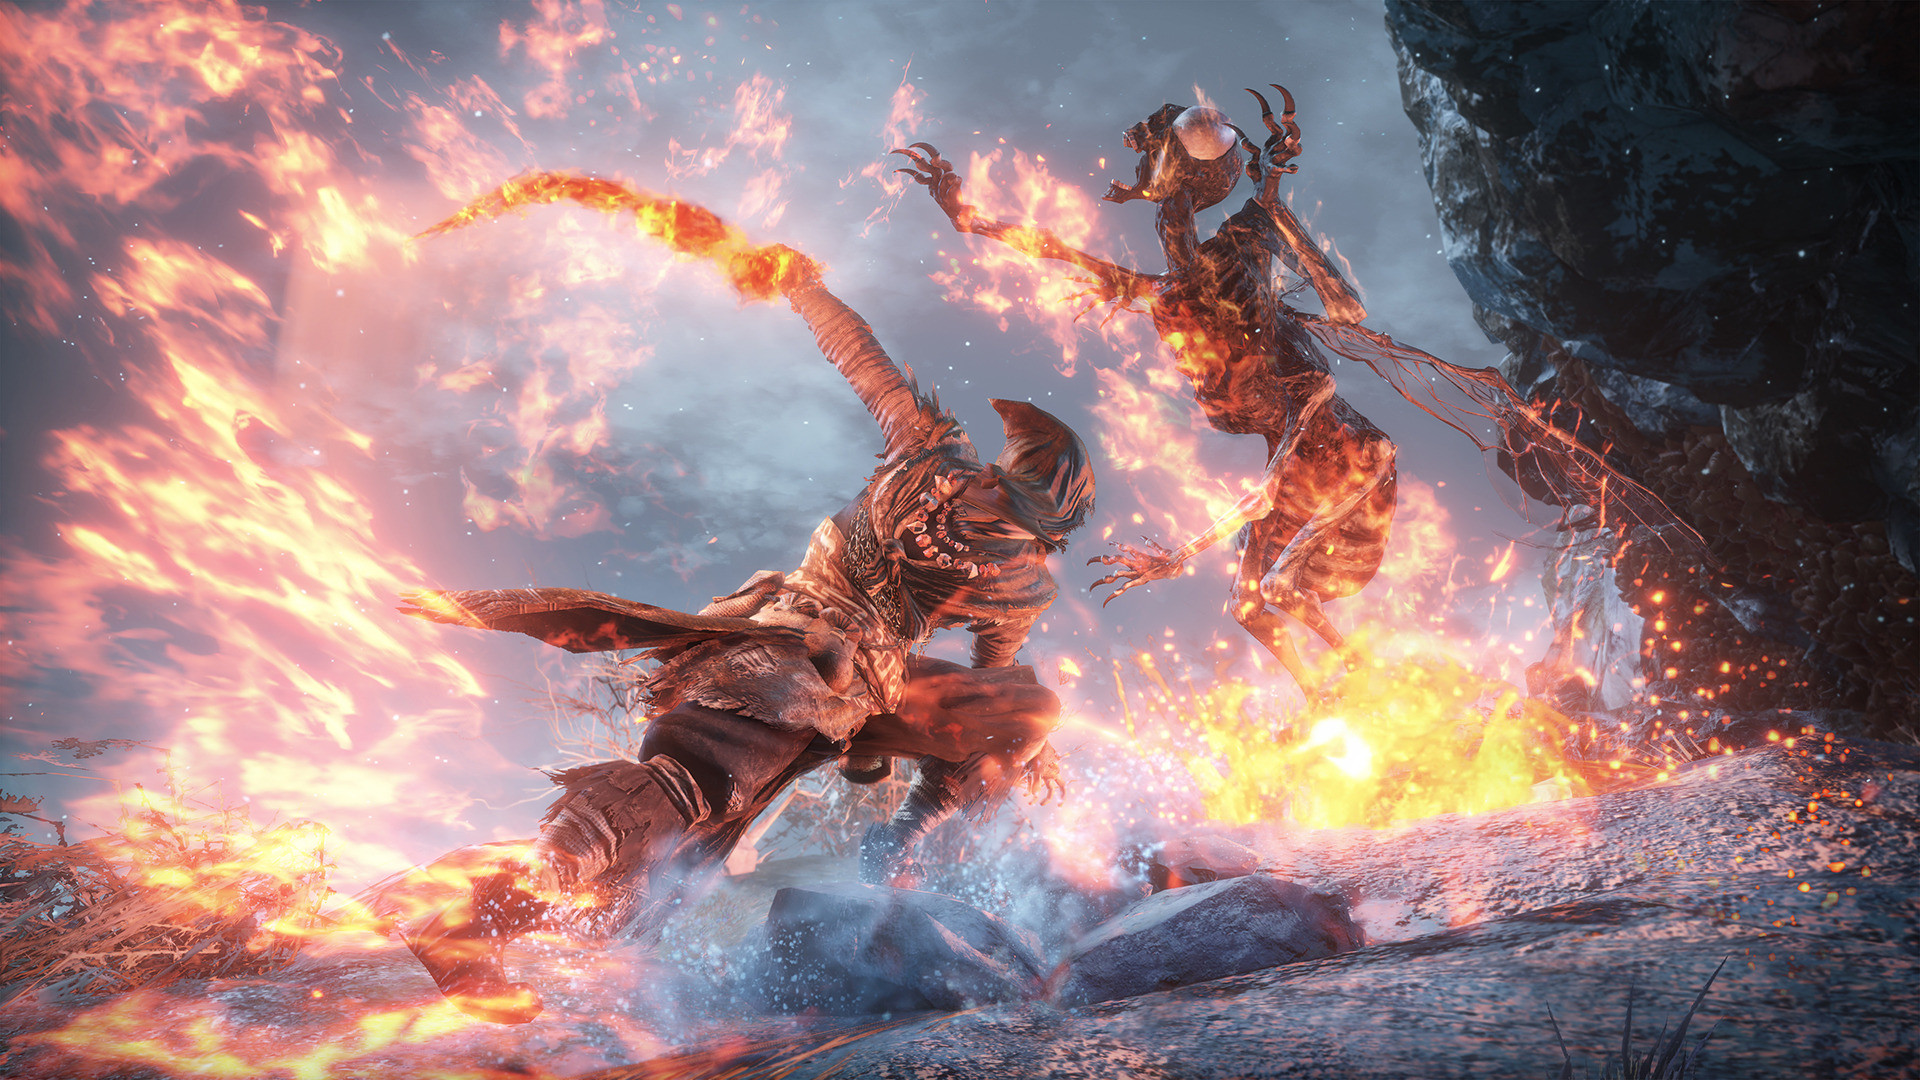 Dark Souls Bonfire Wallpaper (78+ images)